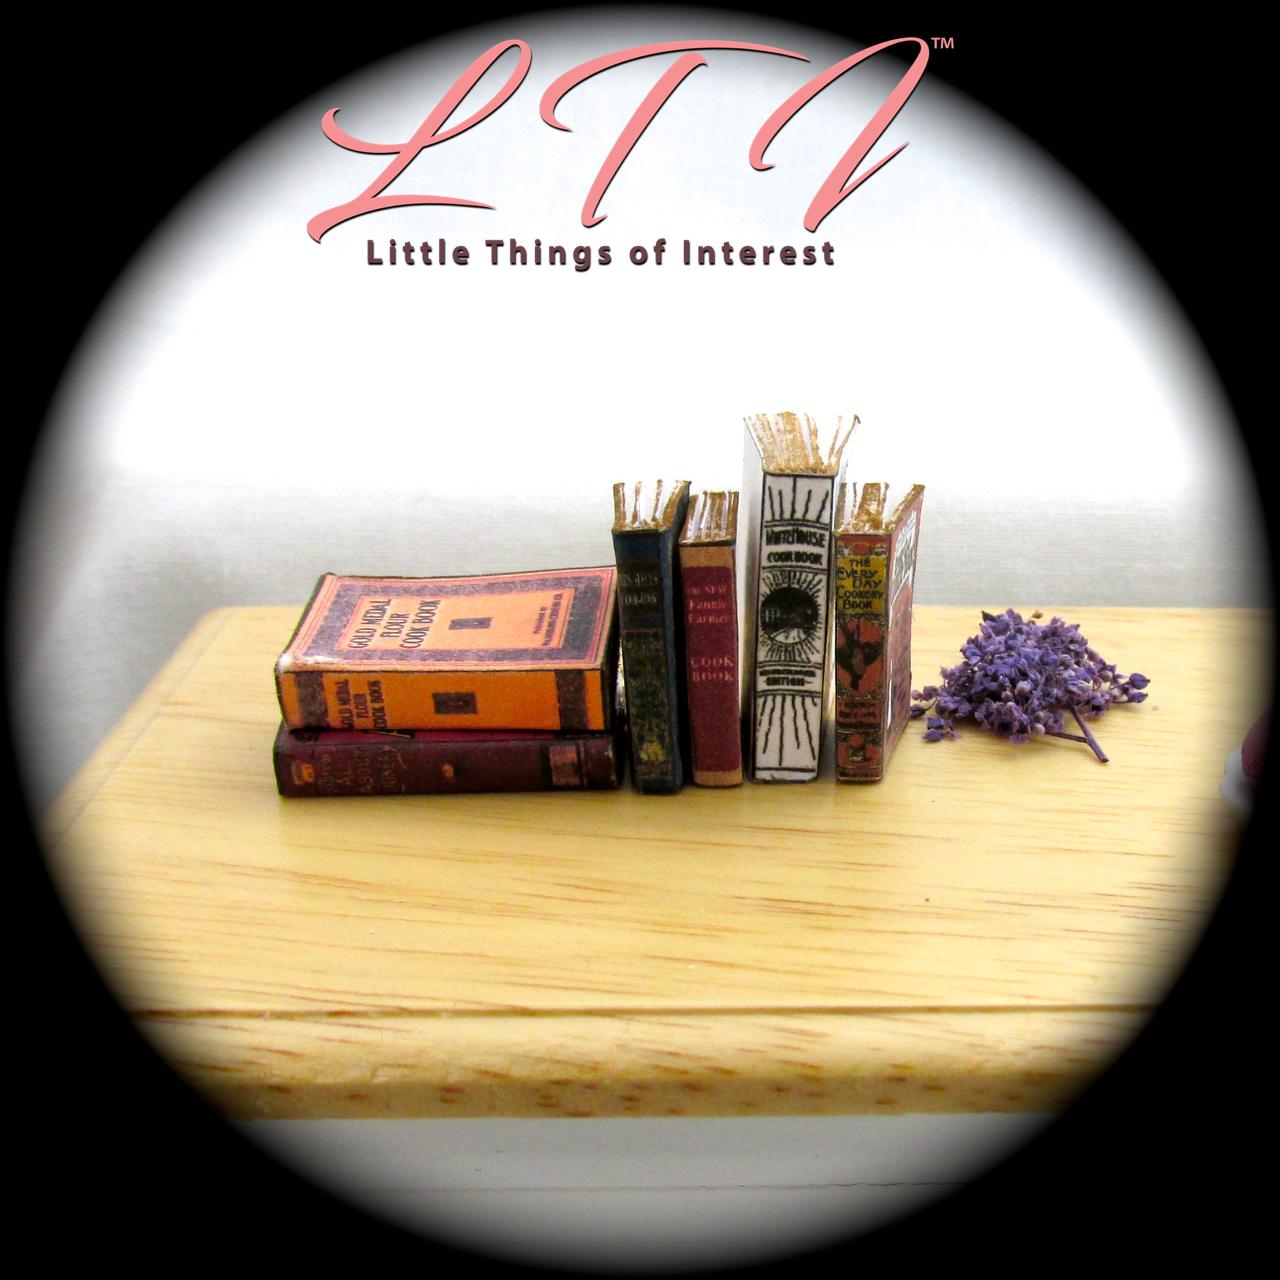 6 VINTAGE OLD COOKBOOKS Set Miniature Dollhouse 1:12 Scale Books PROP Faux 5